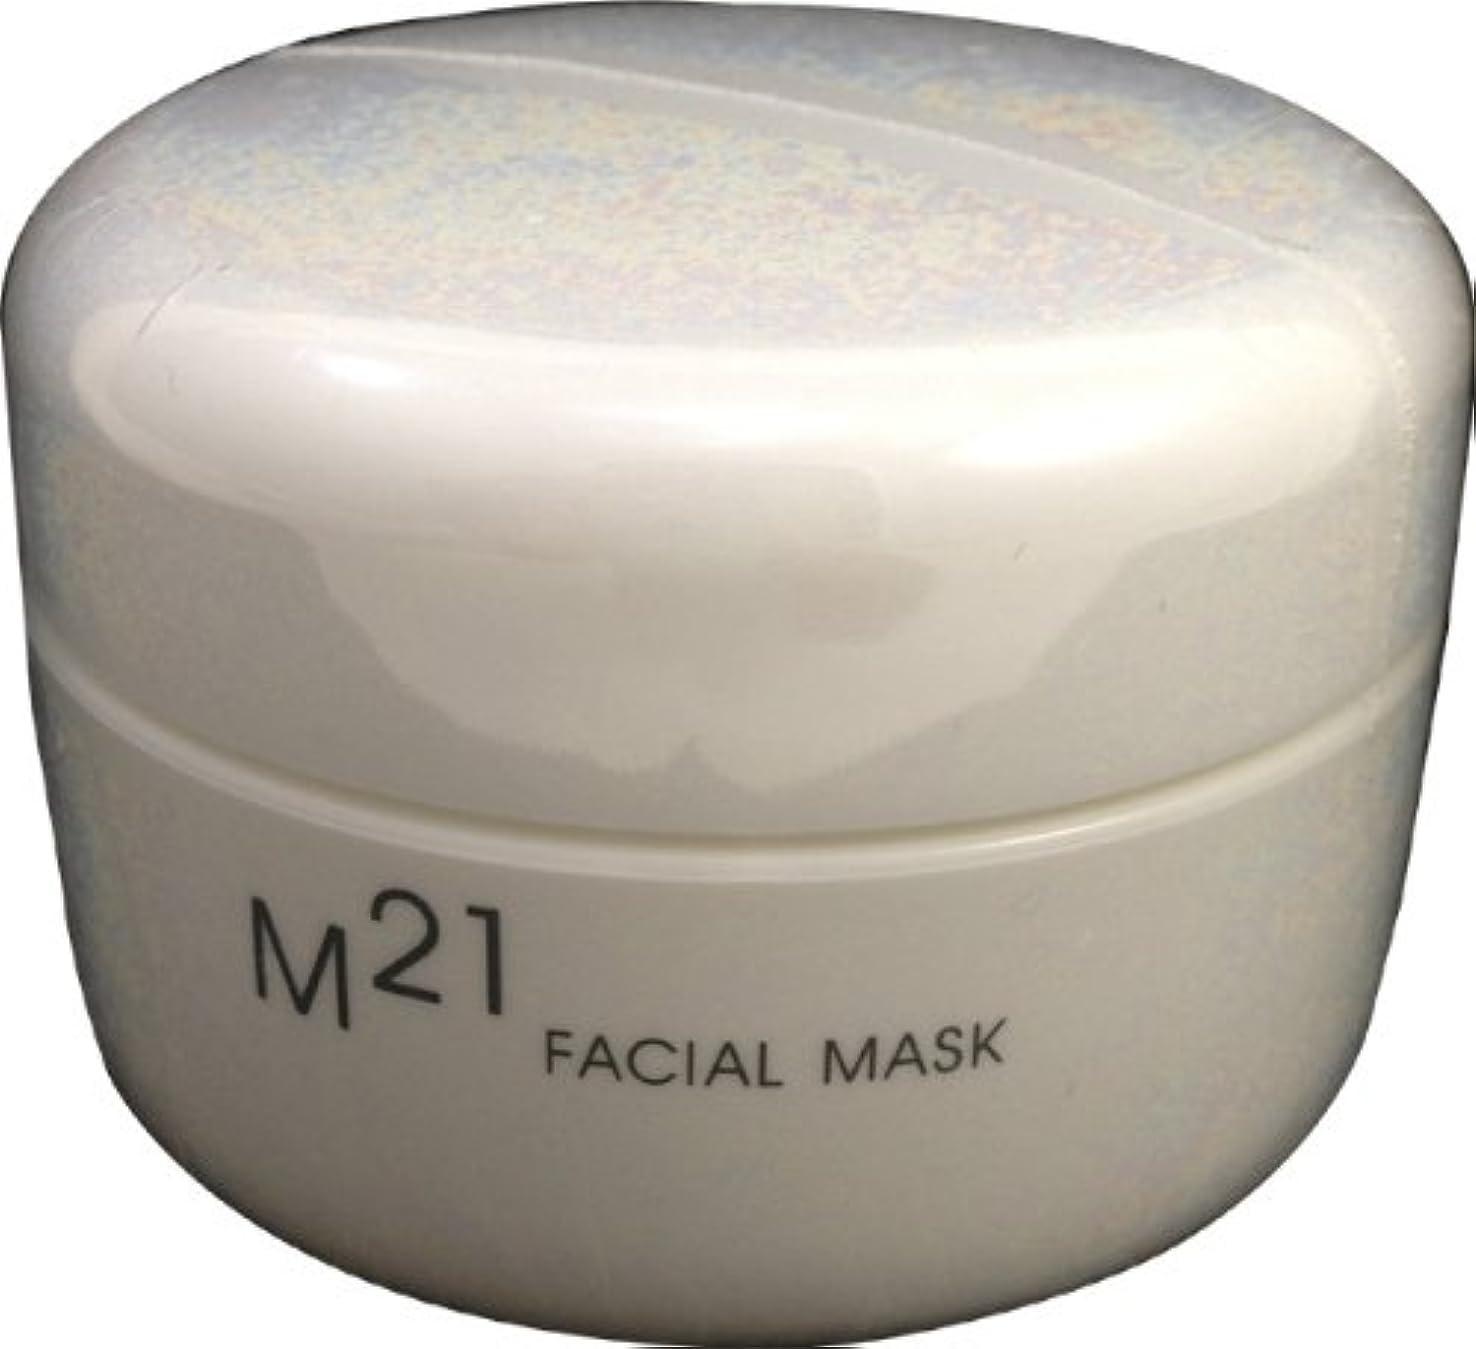 ハーブ心のこもった筋肉のM21フェイシャルマスク <パック>自然化粧品M21